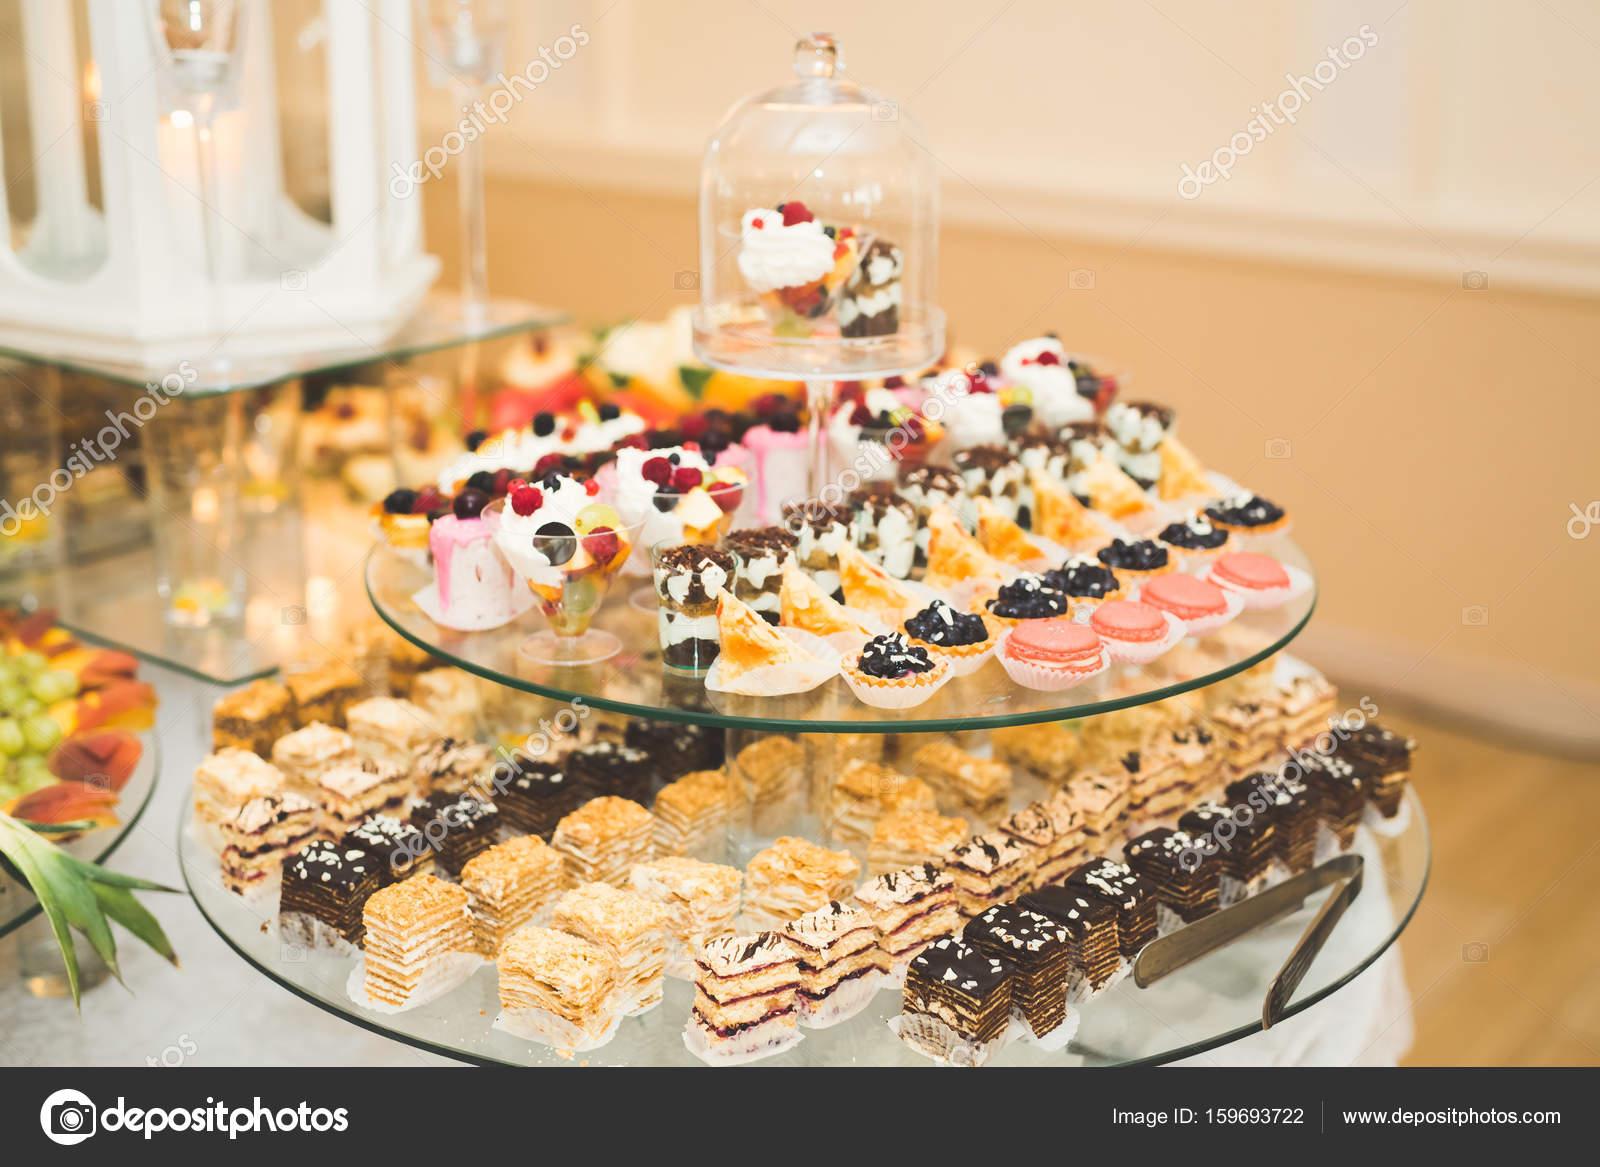 Buffet Di Dolci Di Natale : Deliziosi dolci su candy matrimonio a buffet con dolci cupcakes